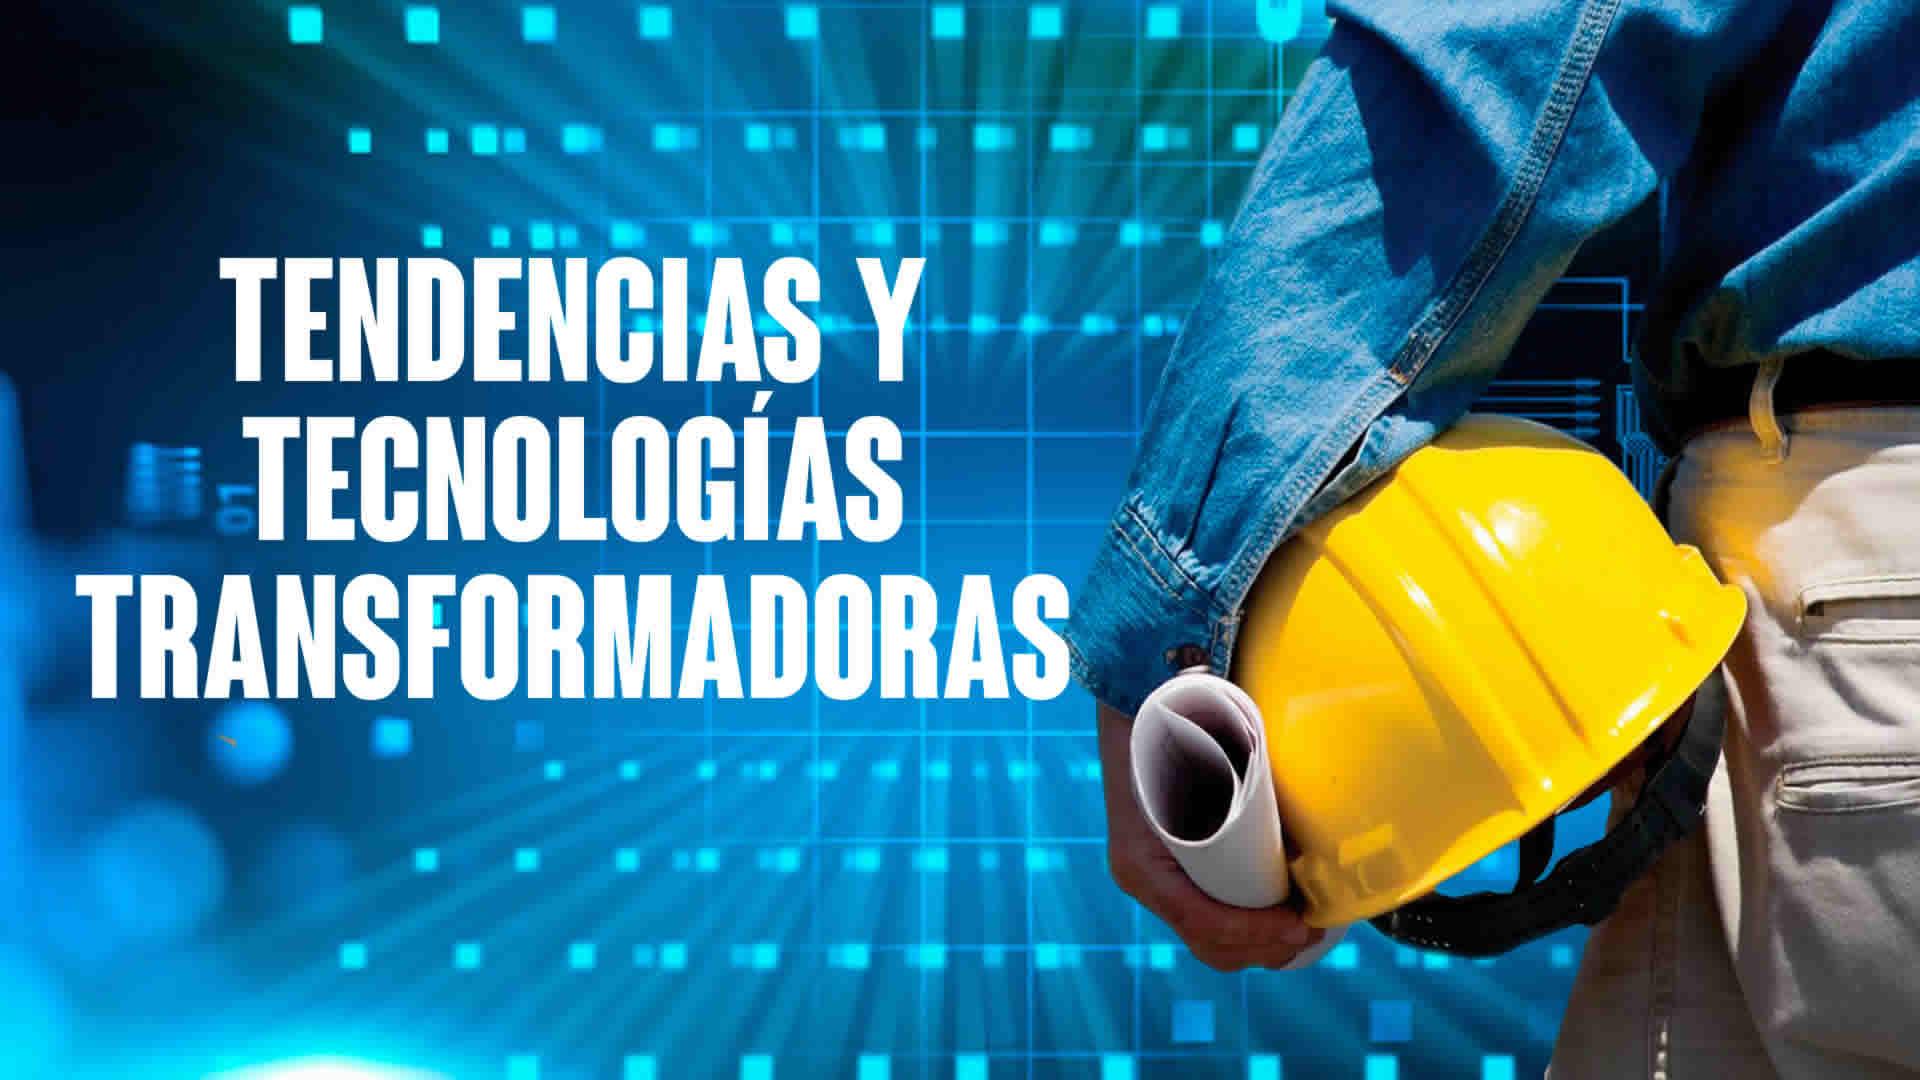 Tendencias y tecnologías transformadoras